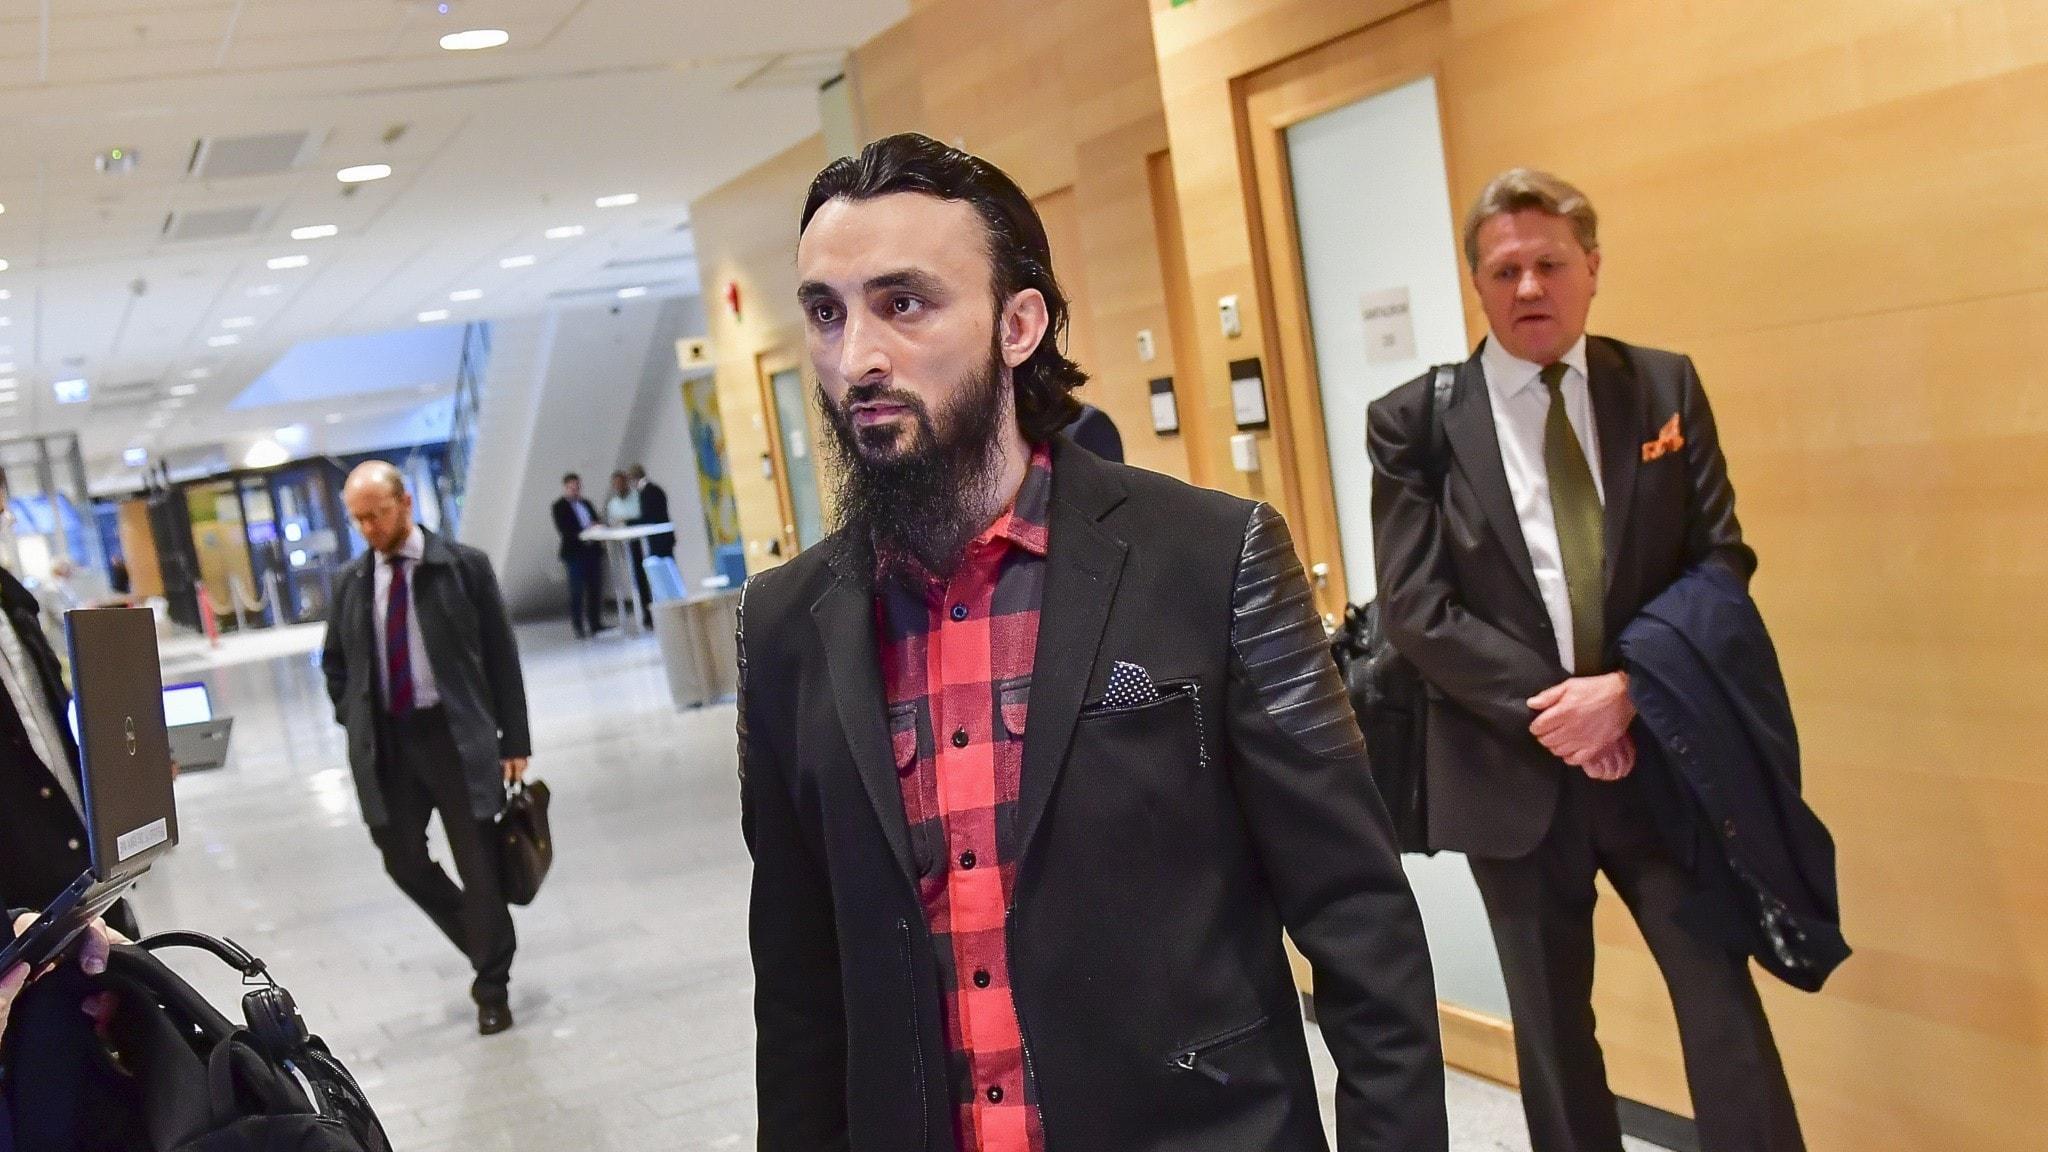 De jagas för sina åsikter – även i Sverige